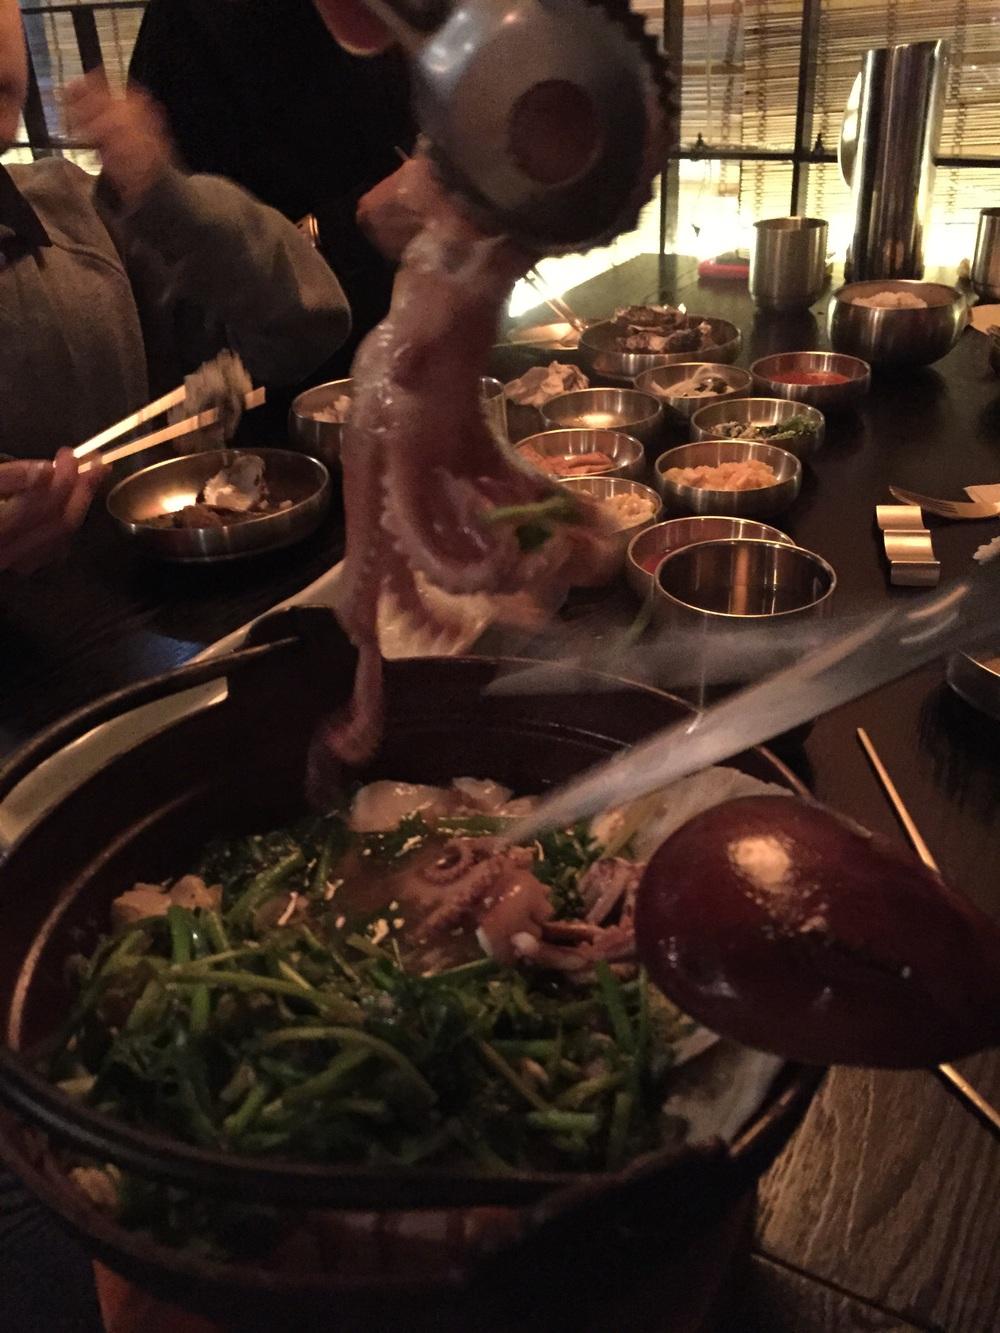 해물 백 순두부 탕 (HehMool Bek SoonDooBoo Tang) -  Seafood in a w  hite broth tofu soup. 40 000won  They cut up a small whole octopus into the soup at the table.